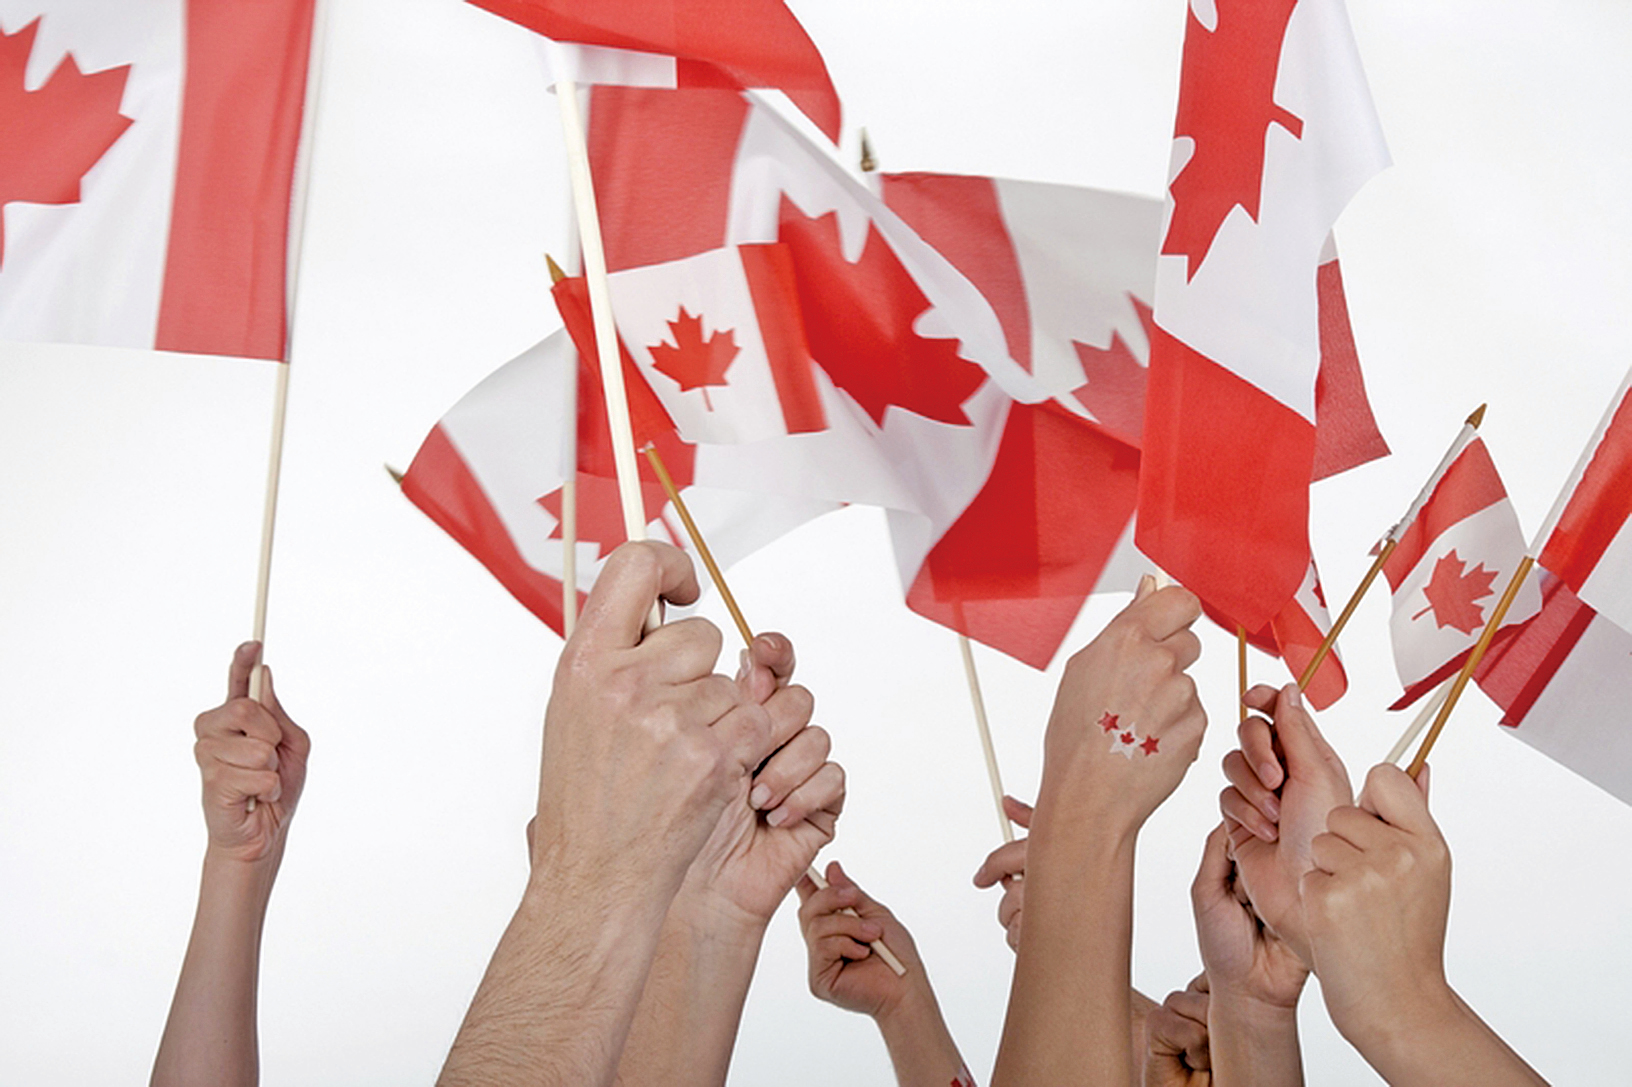 無牌中介公司幫57名中國人申請加拿大技術移民,全部被拒。後來,申請者在加國集體上訴成功,法官推翻移民官的決定。(iStock)